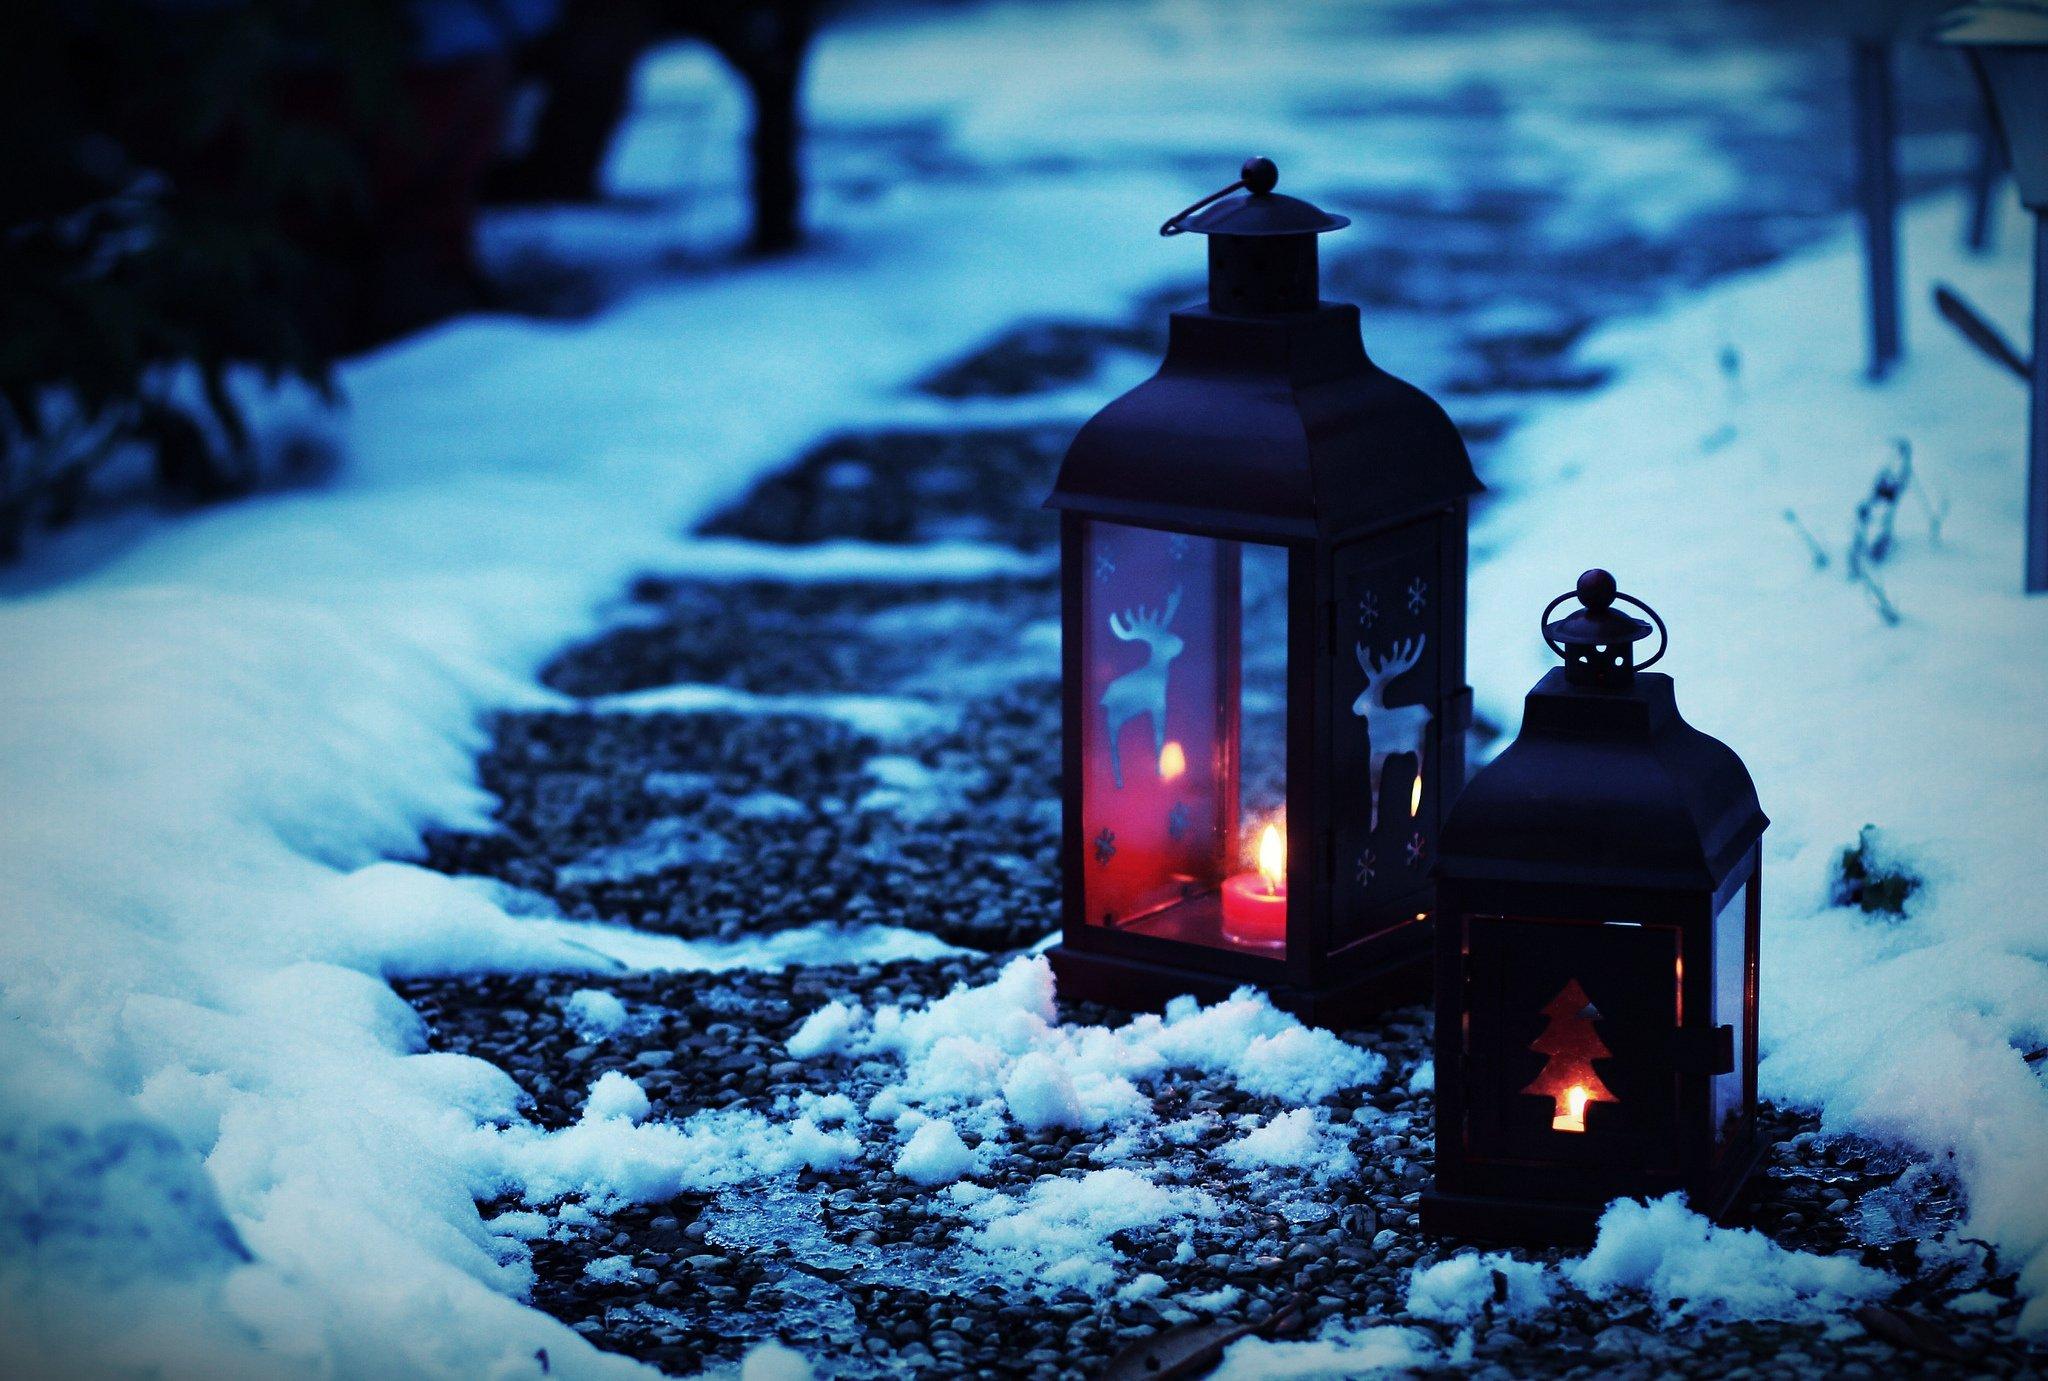 они фонарь снег картинки чрезмерное употребление спиртного